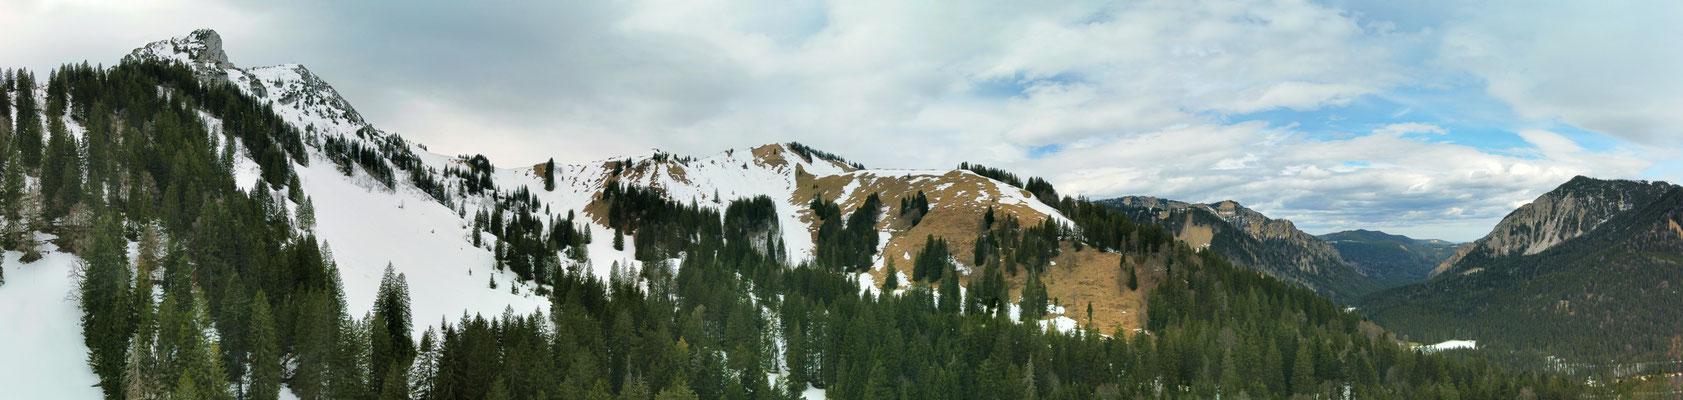 Panorama - Drohnenfoto - Landschaft - Bayern - Berge - Alpen - Winter - Ausflug - Wanderung - Tegernsee - Kreuth - Buchsteinhütte - Tegernseer Hütte